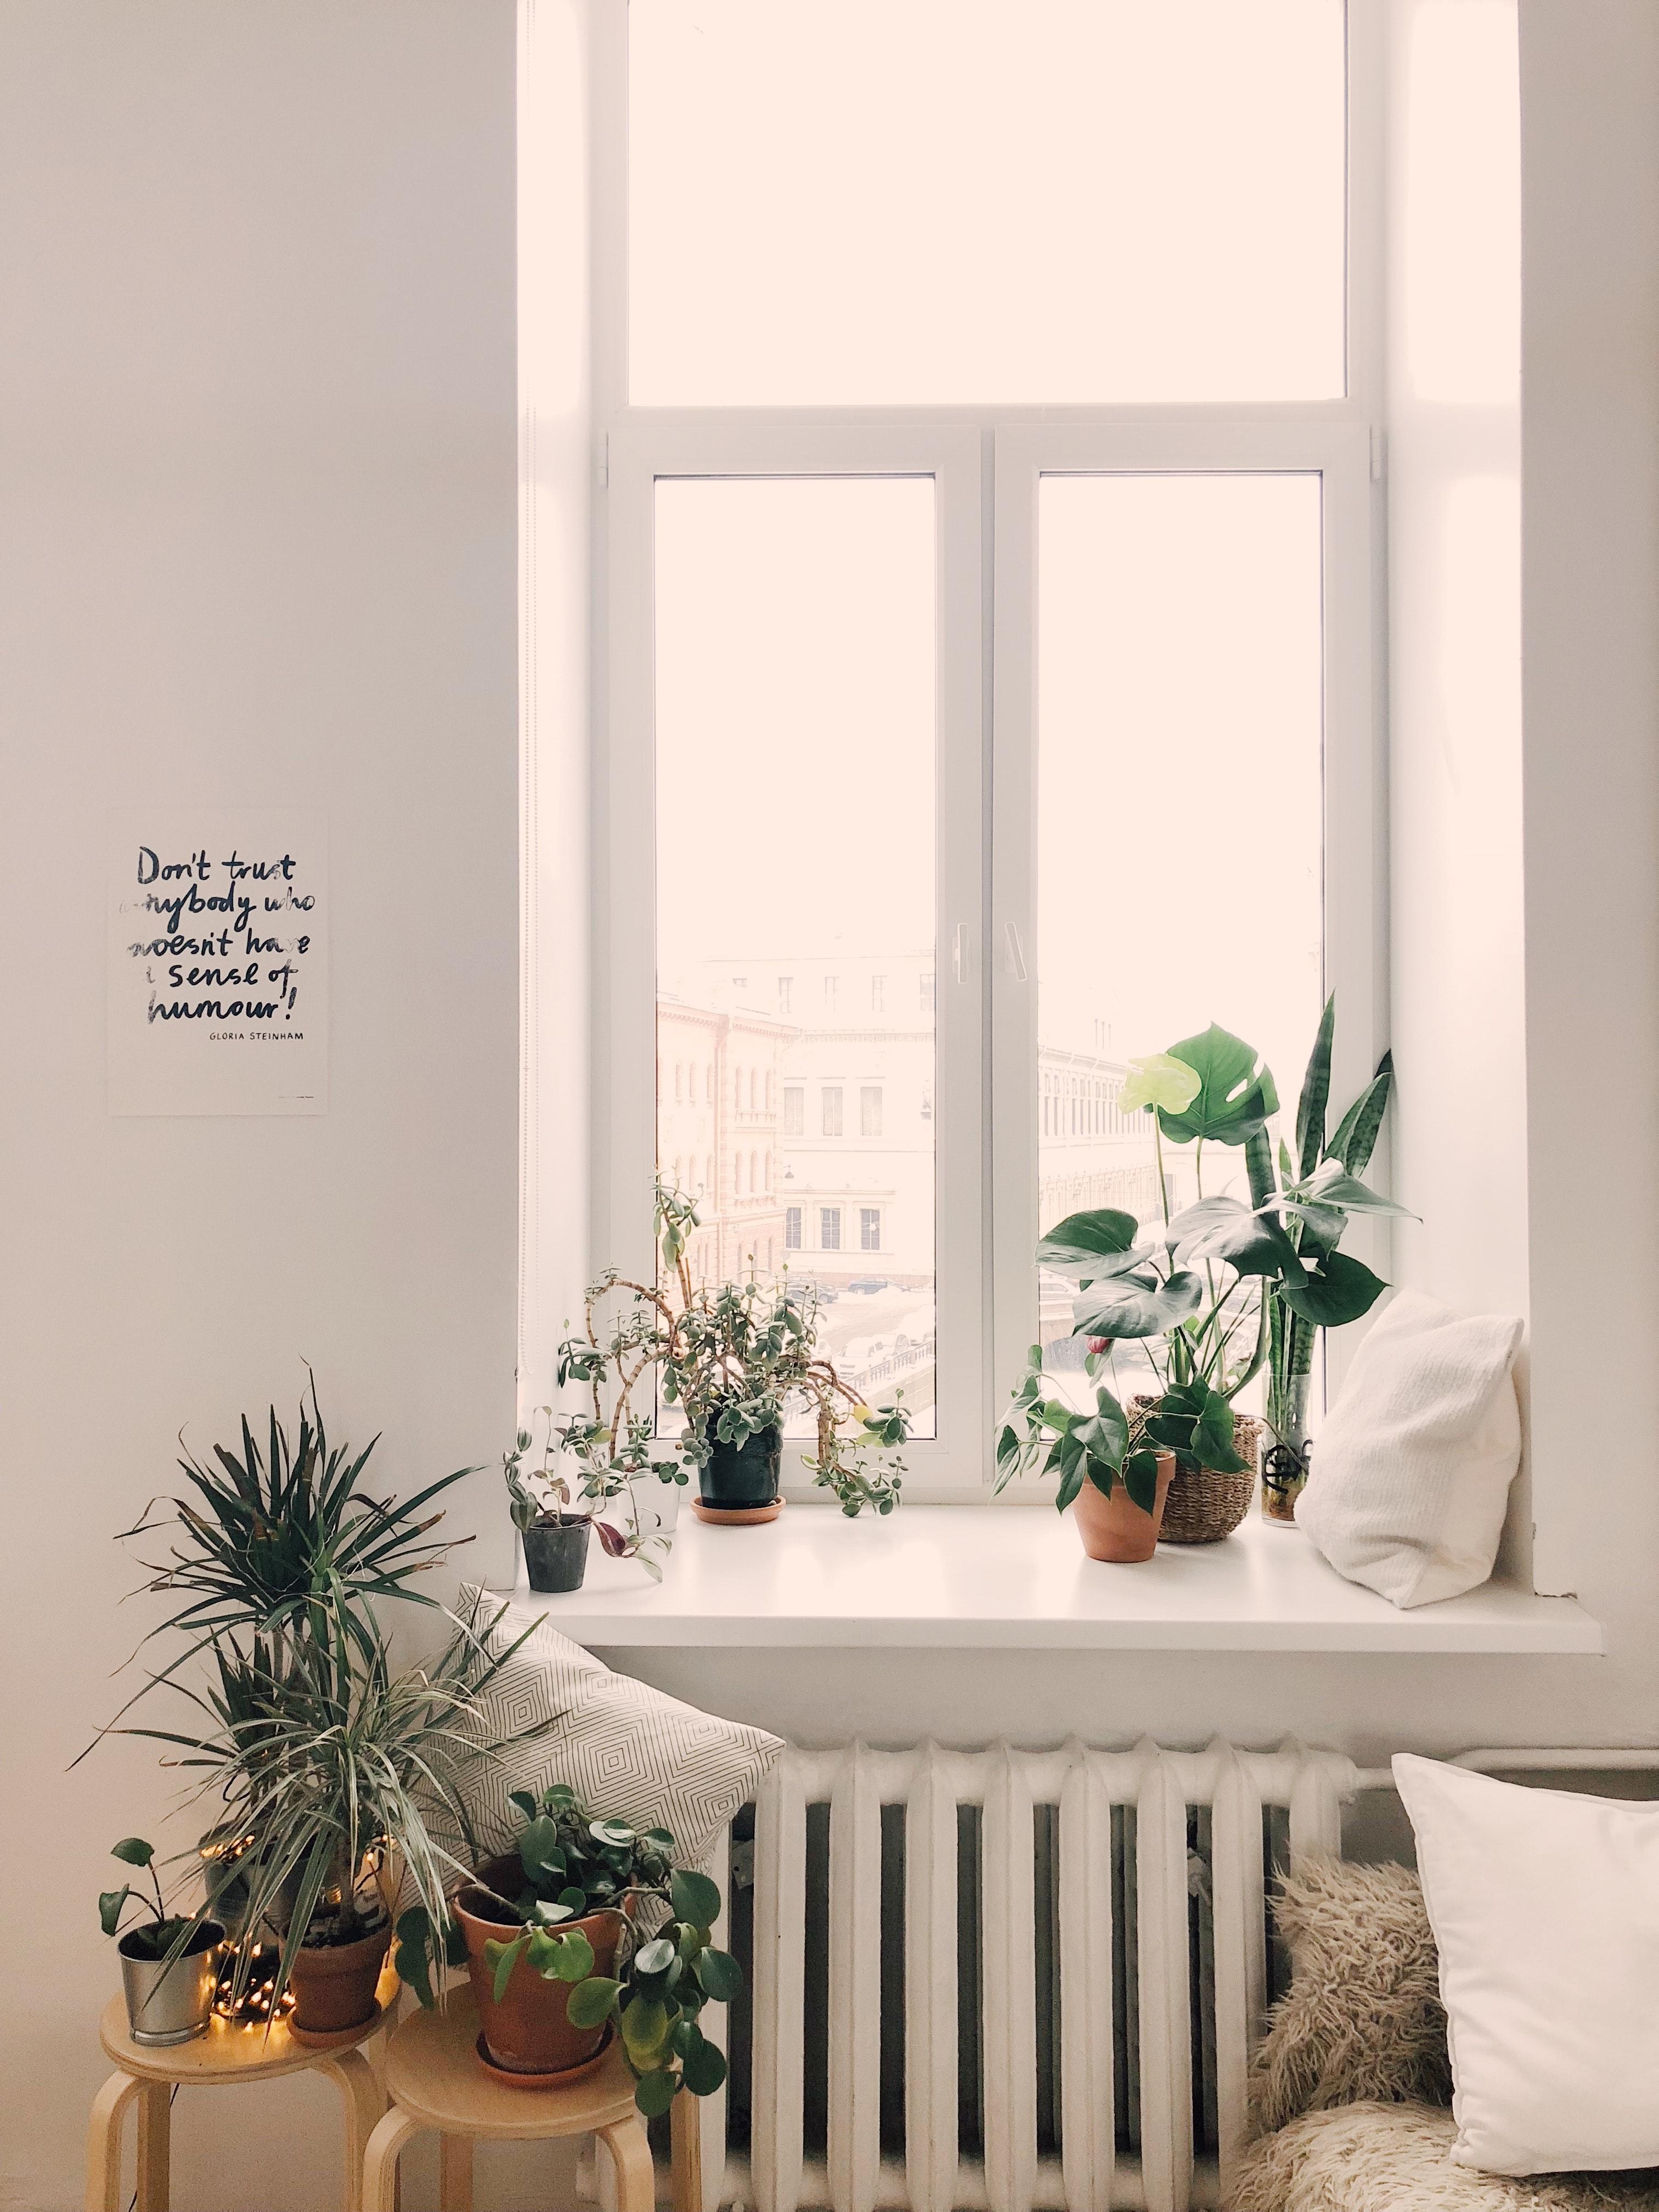 Een gezellige plantenboel voor de Urban Jungle woontrend. Creëer een Urban Jungle binnen mum van tijd